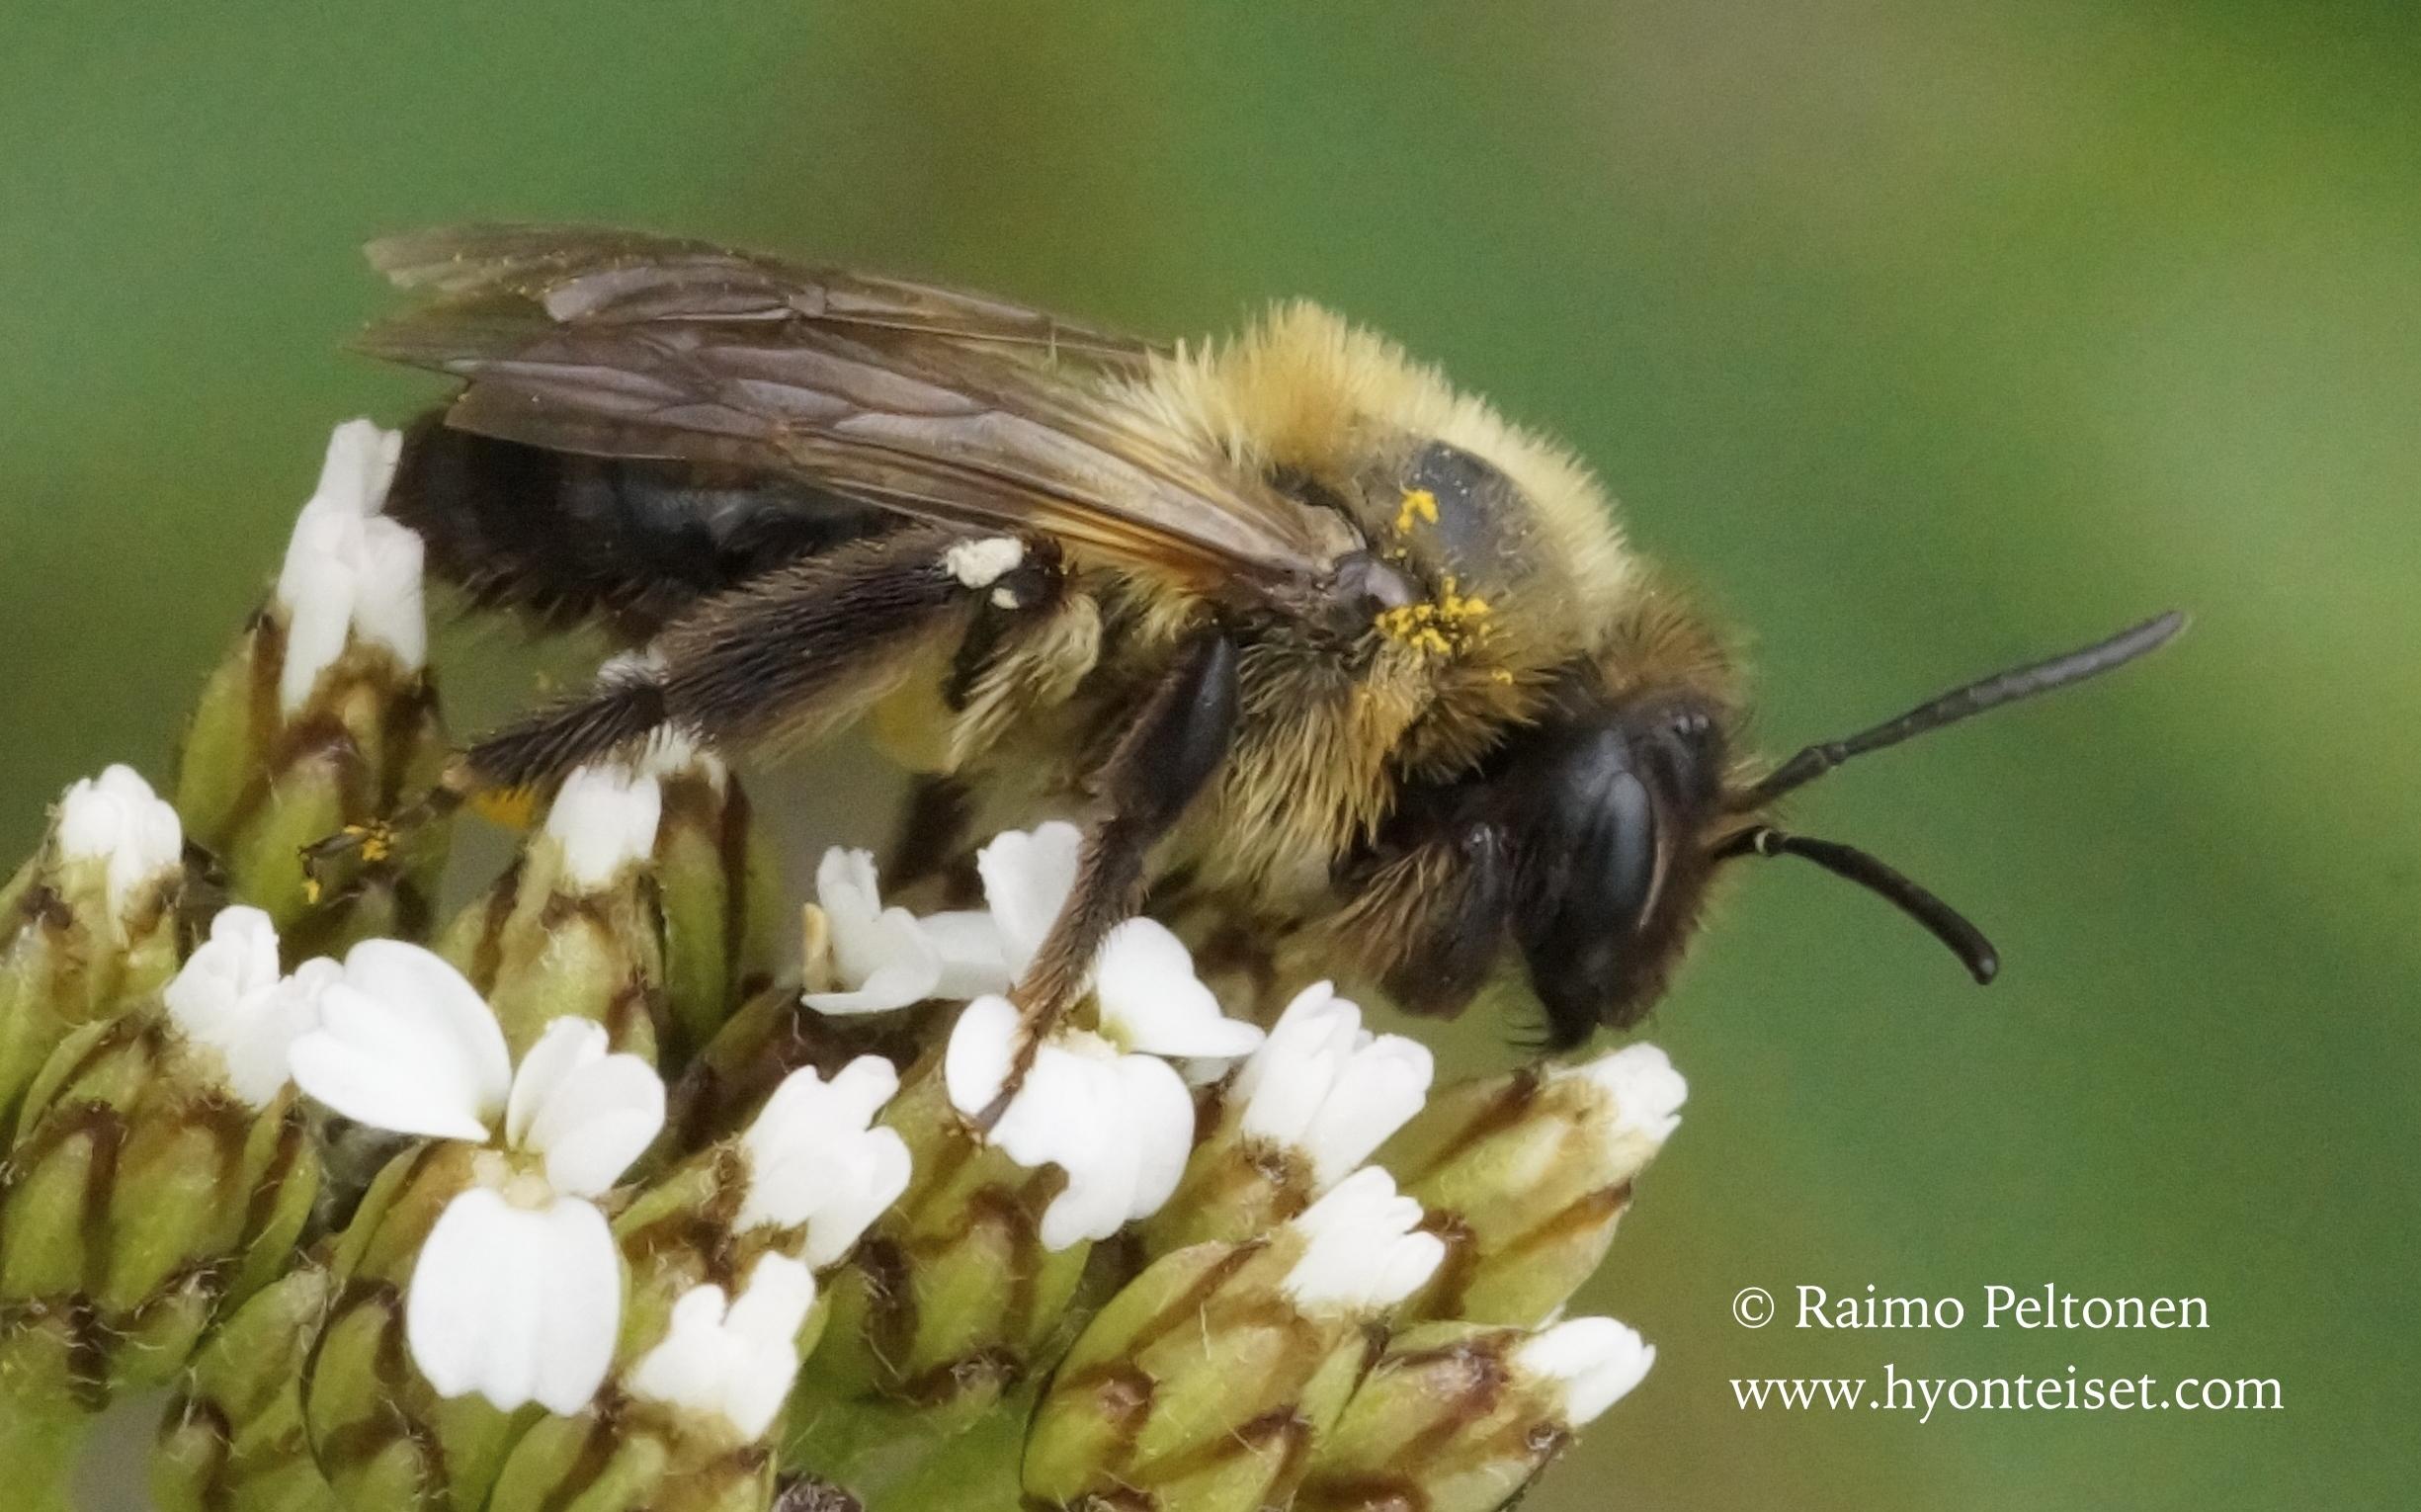 Andrena cf. lapponica, naaras (det. Juho Paukkunen)